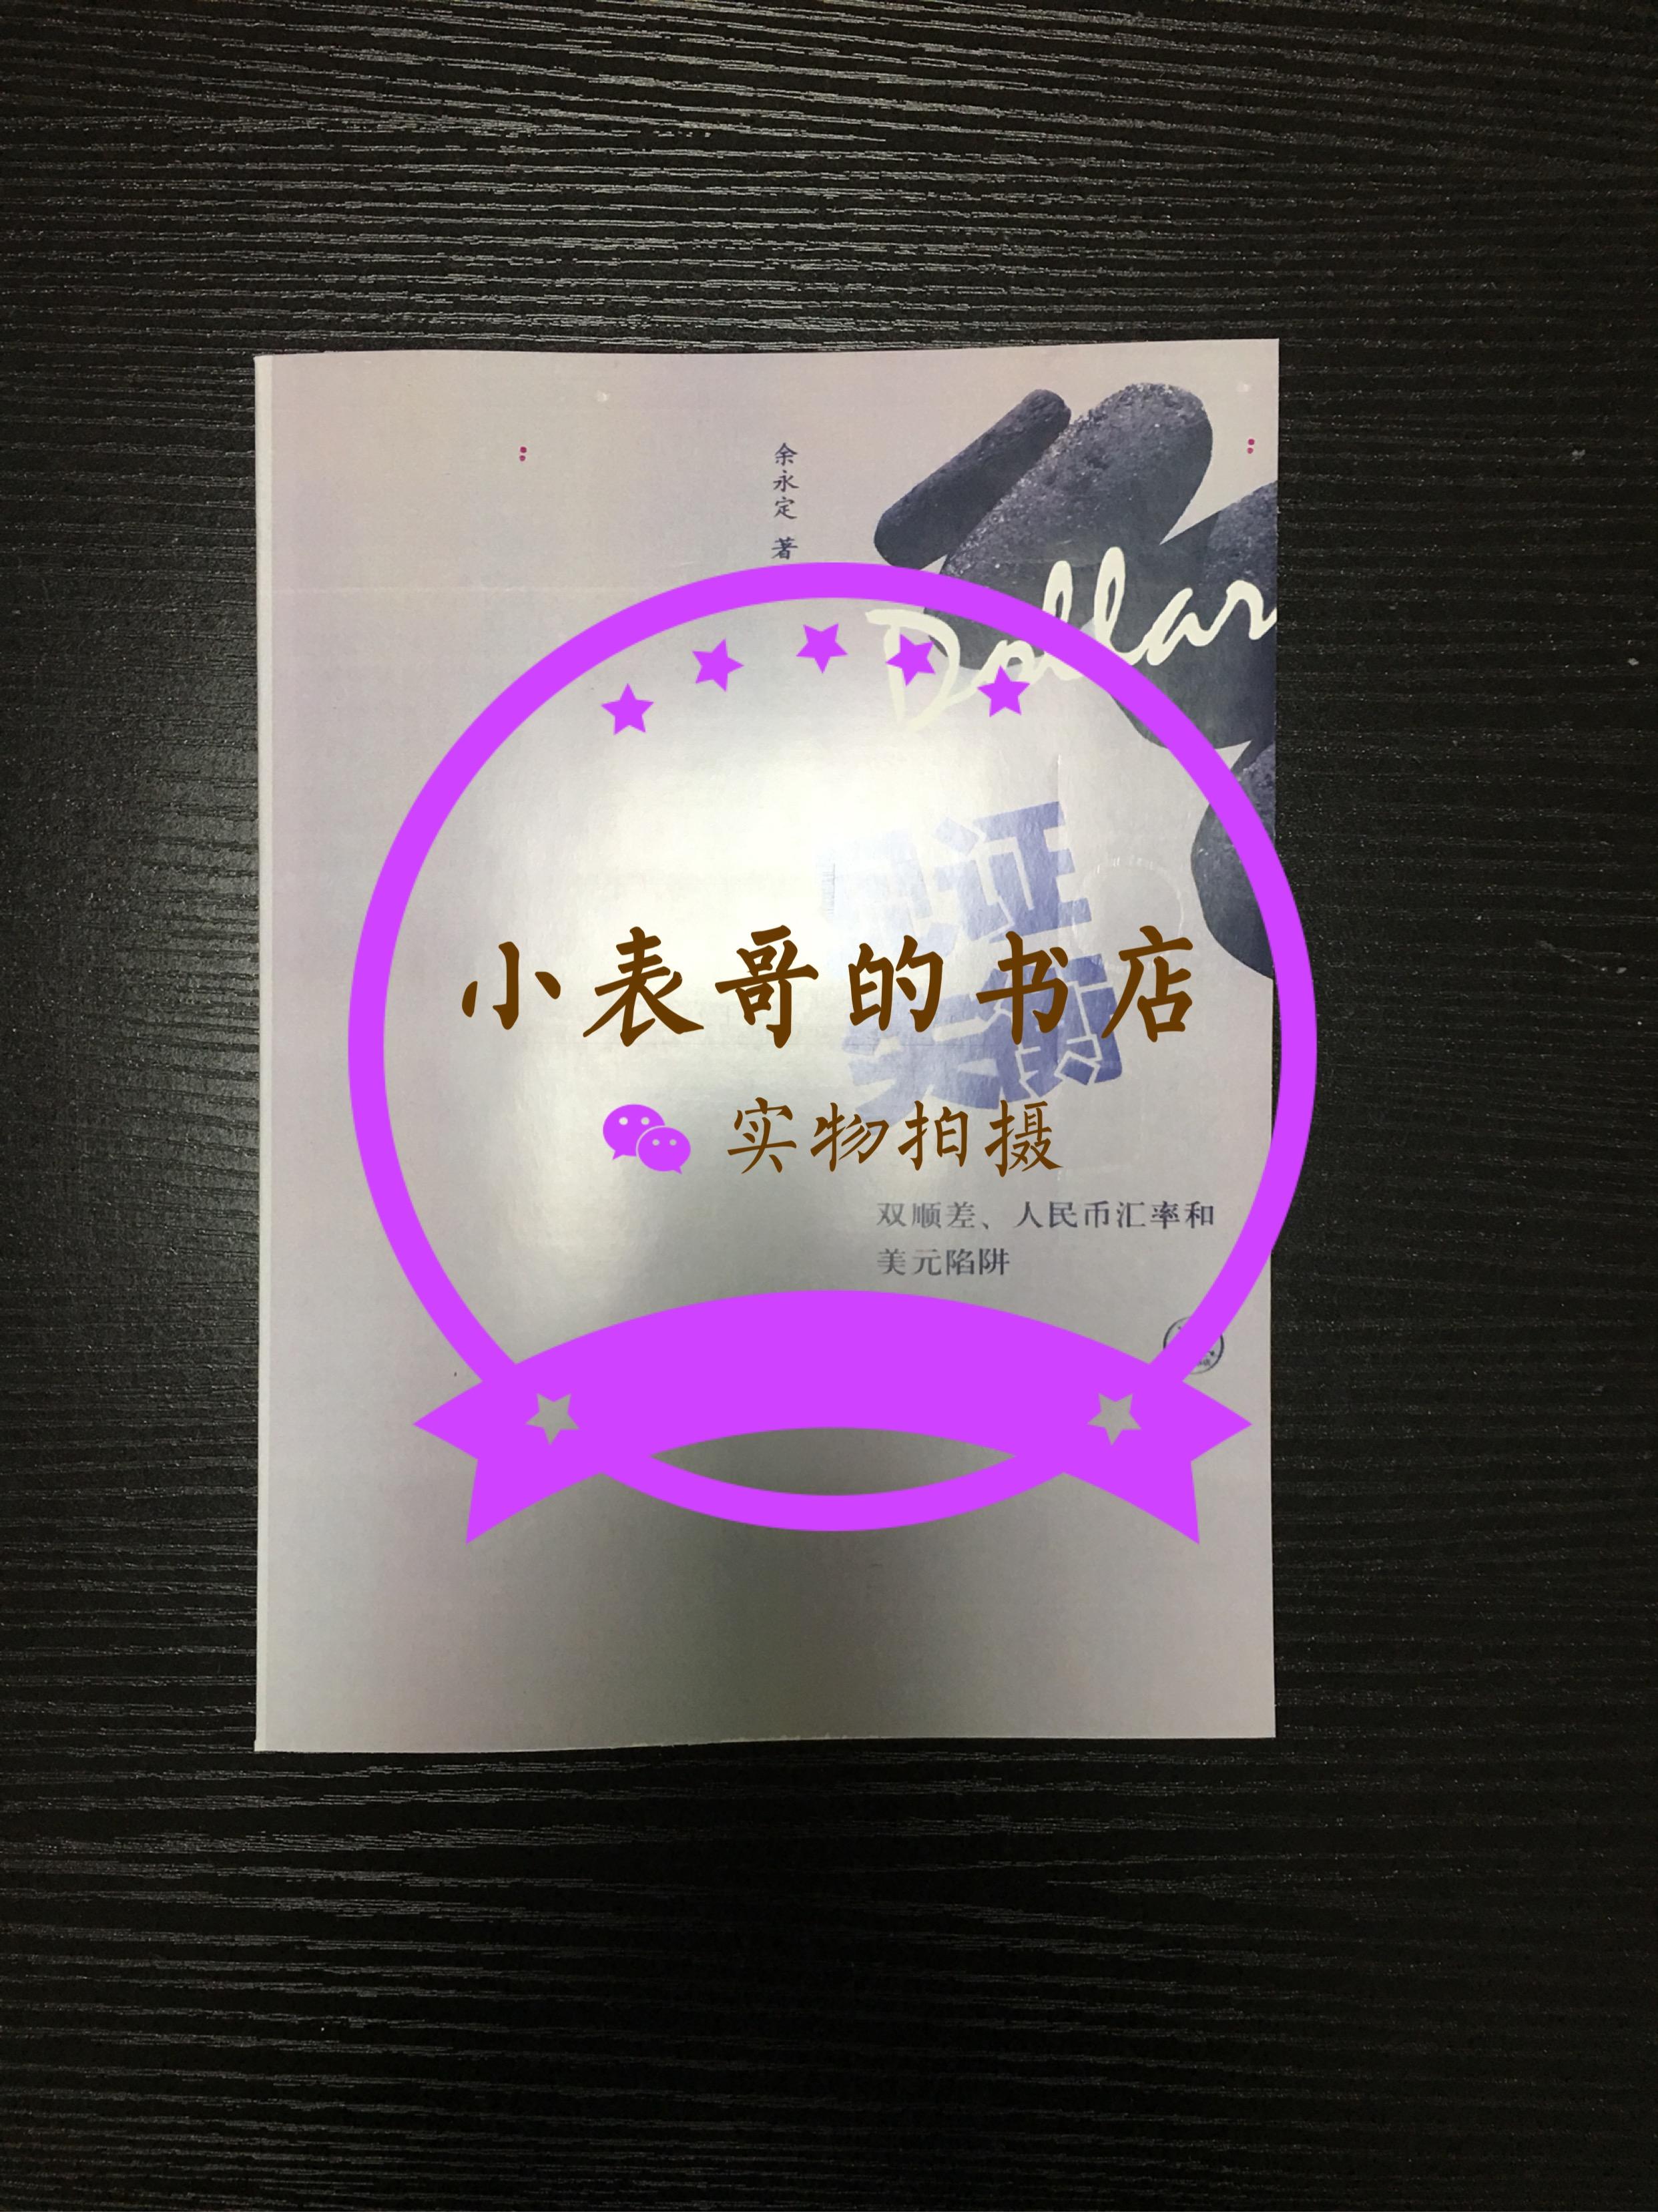 推荐最新陷阱桥 山狗2003兽性陷阱信息资料_实惠购物网